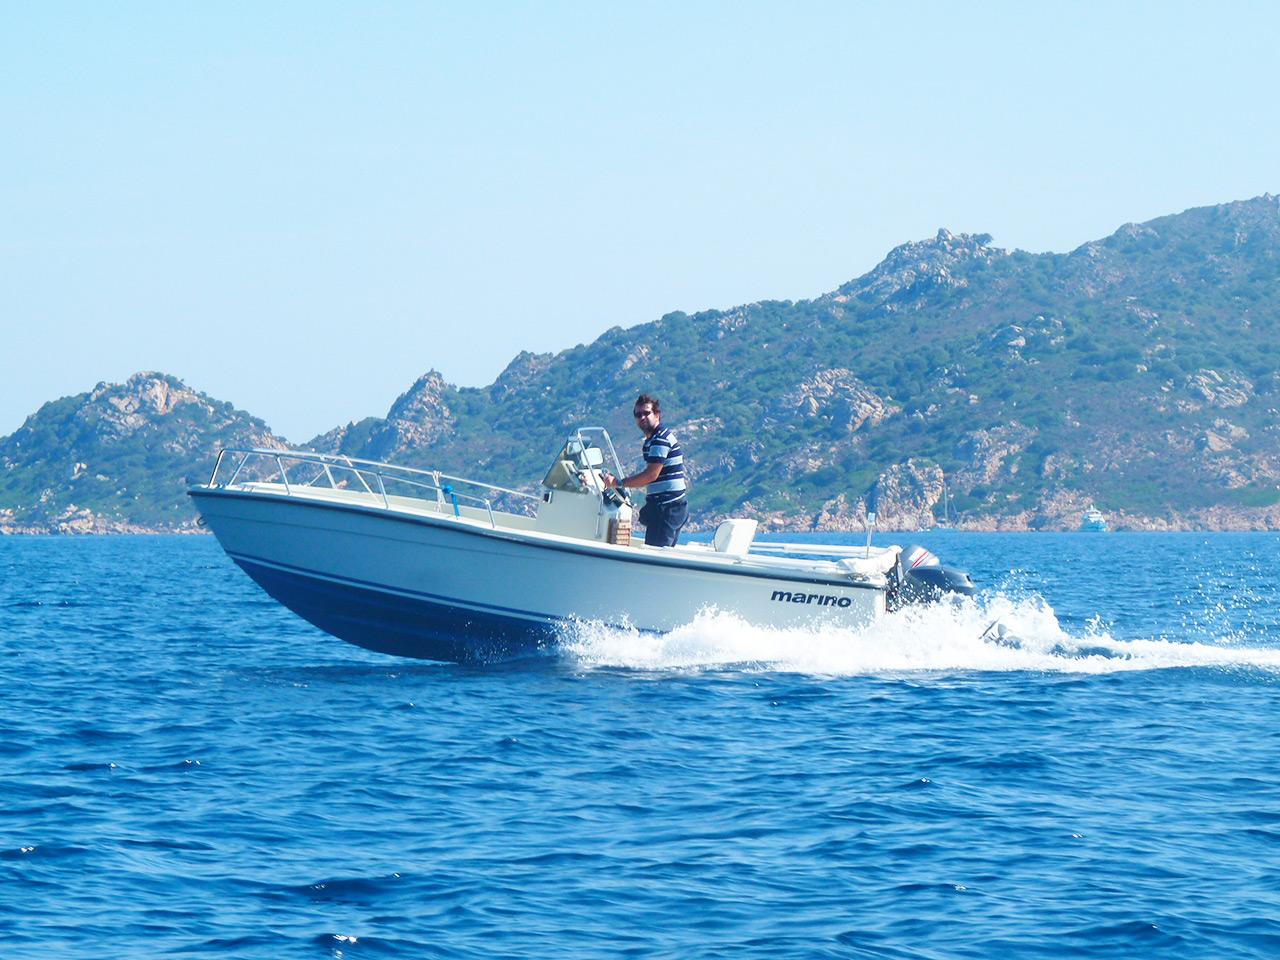 marino 560